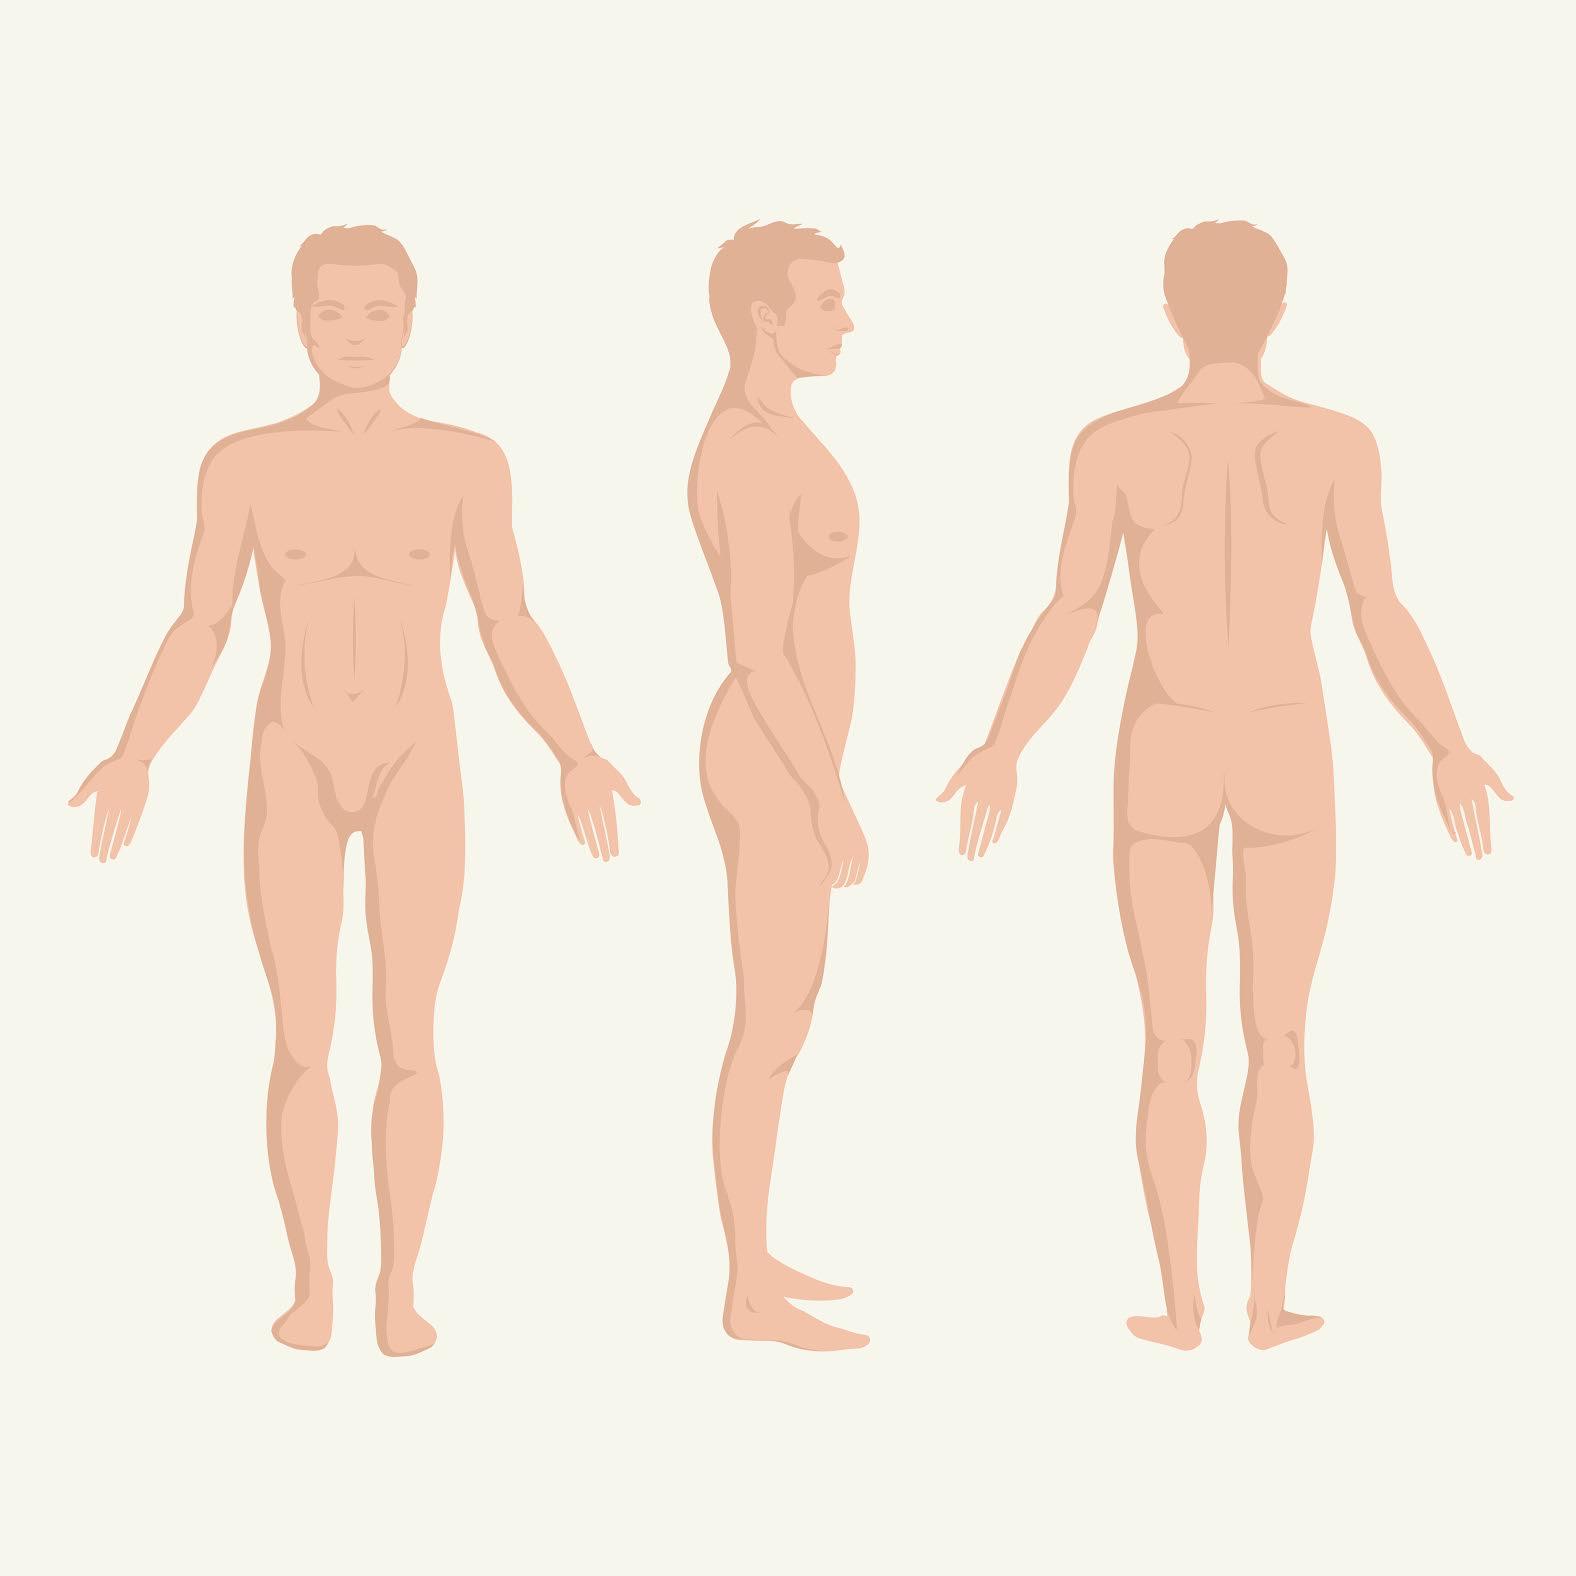 exerciții pentru erecție rapidă un medic examinează penisul unui bărbat